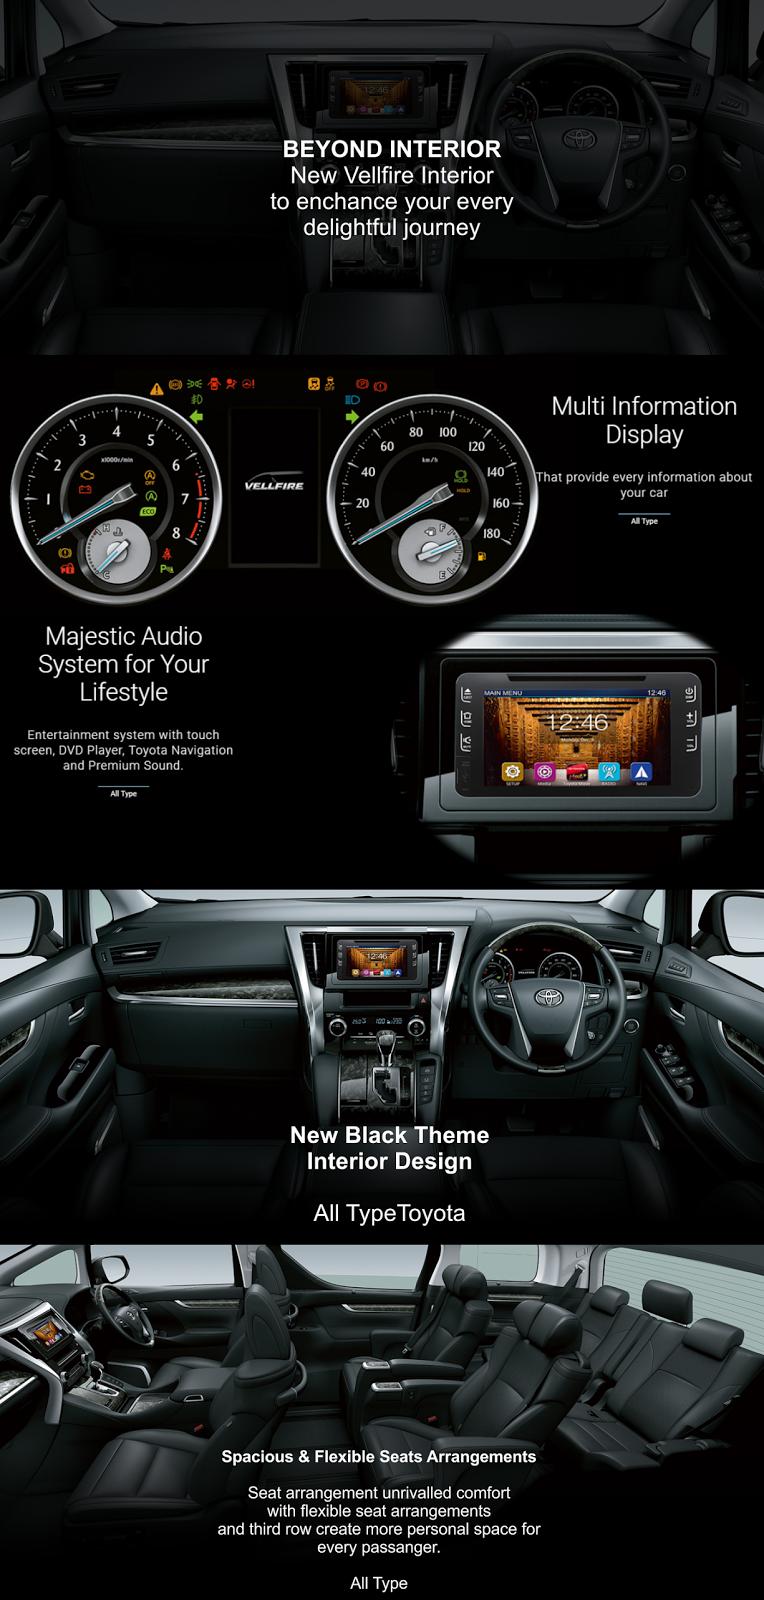 interior-mobil-new-vellfire